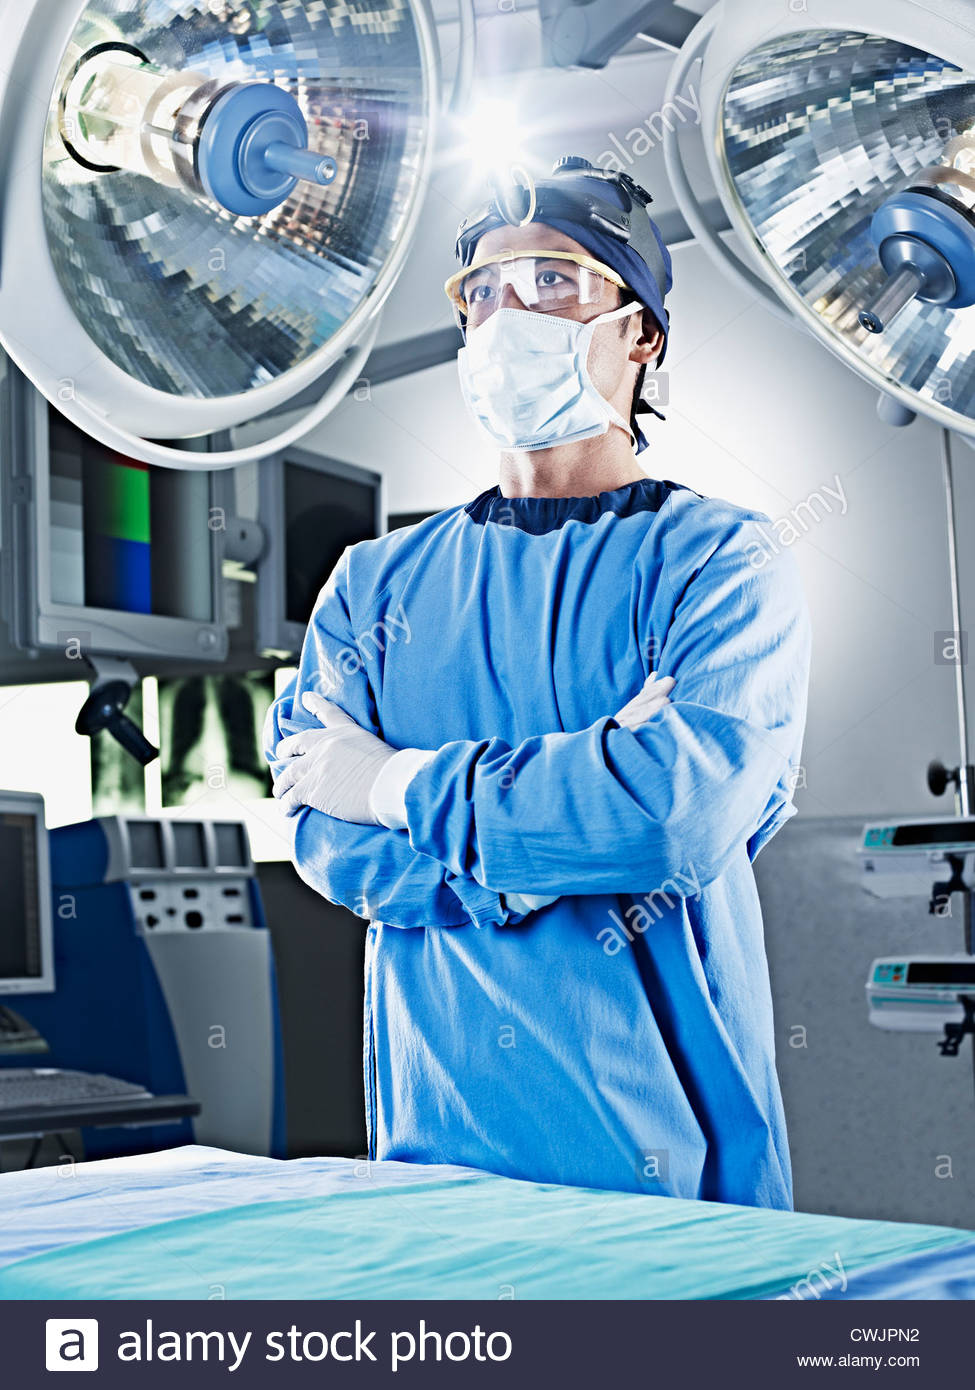 Ritratto di chirurgo serio con le braccia incrociate sotto le luci chirurgico Immagini Stock